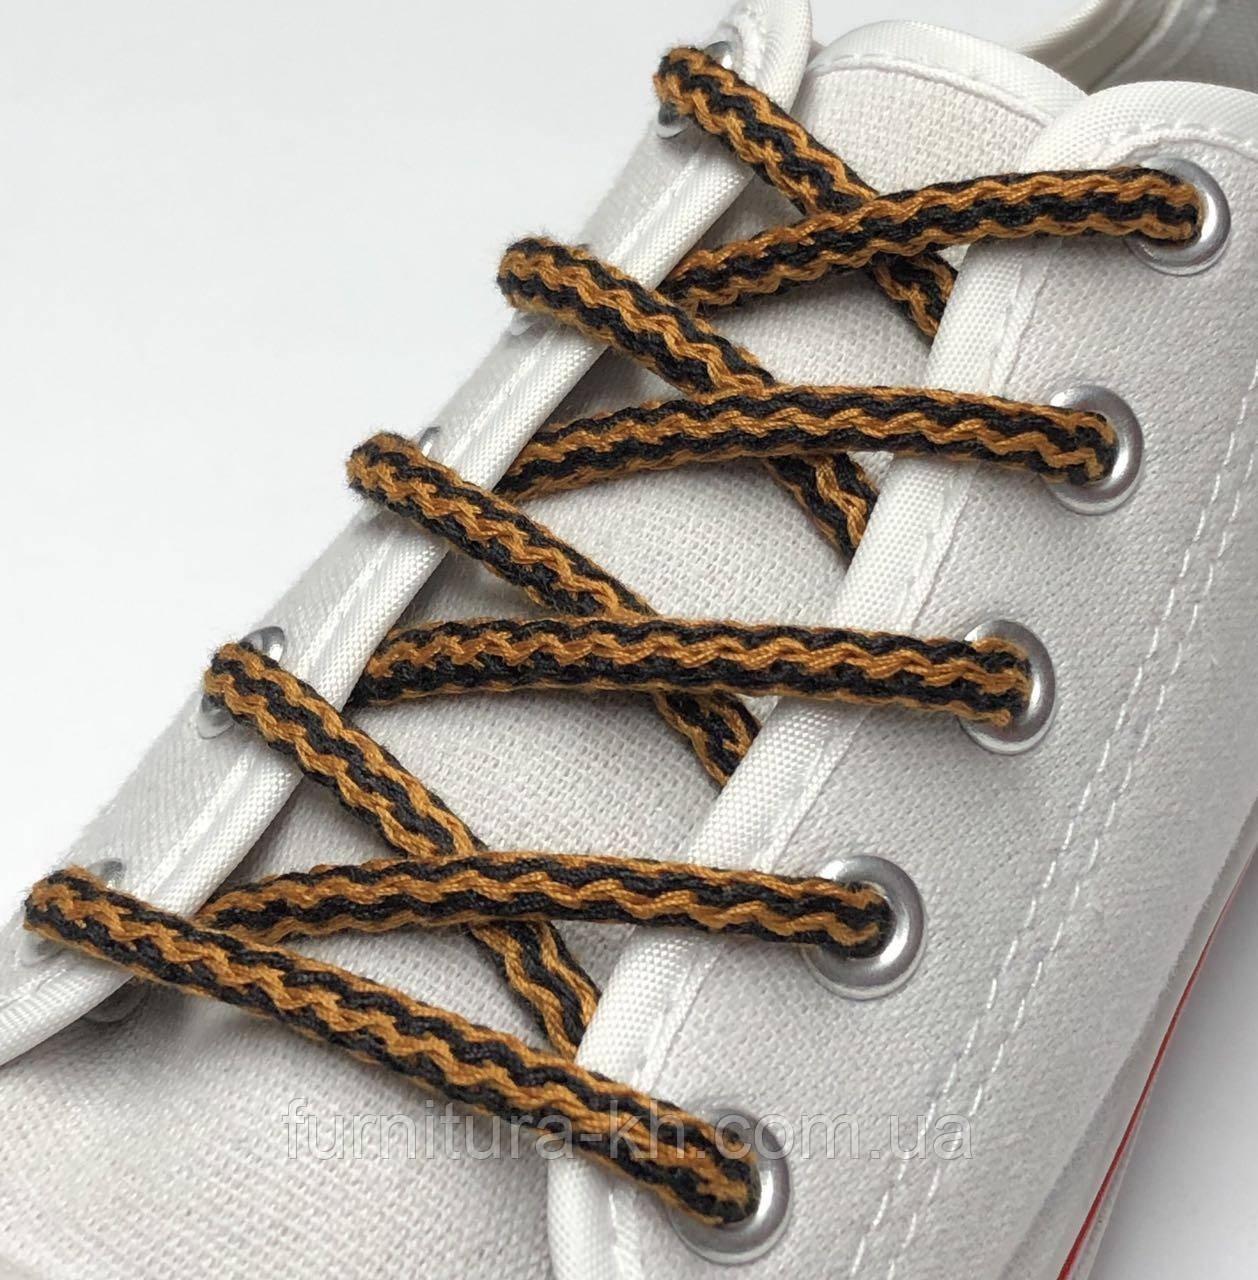 Шнурок Простой Круглый.Длинна 1,2 метр цвет Черно Рыжий (толщина 5 мм)